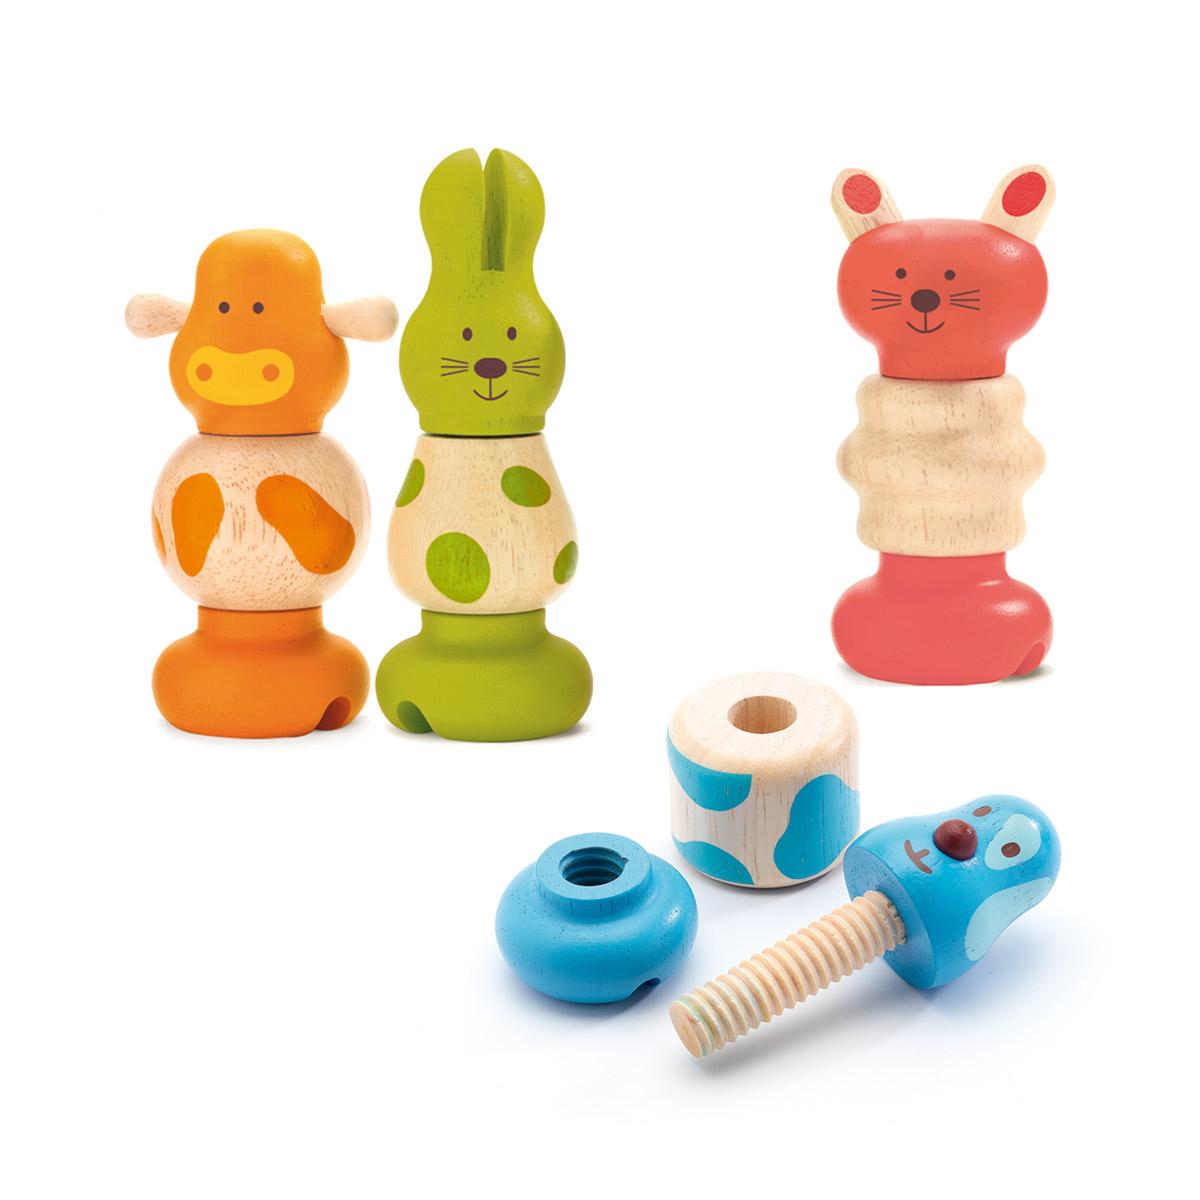 Vis-Animaux-2 - Jeux Pour Enfant - Sauterelles Et Coccinelles intérieur Jeux Enfant Animaux